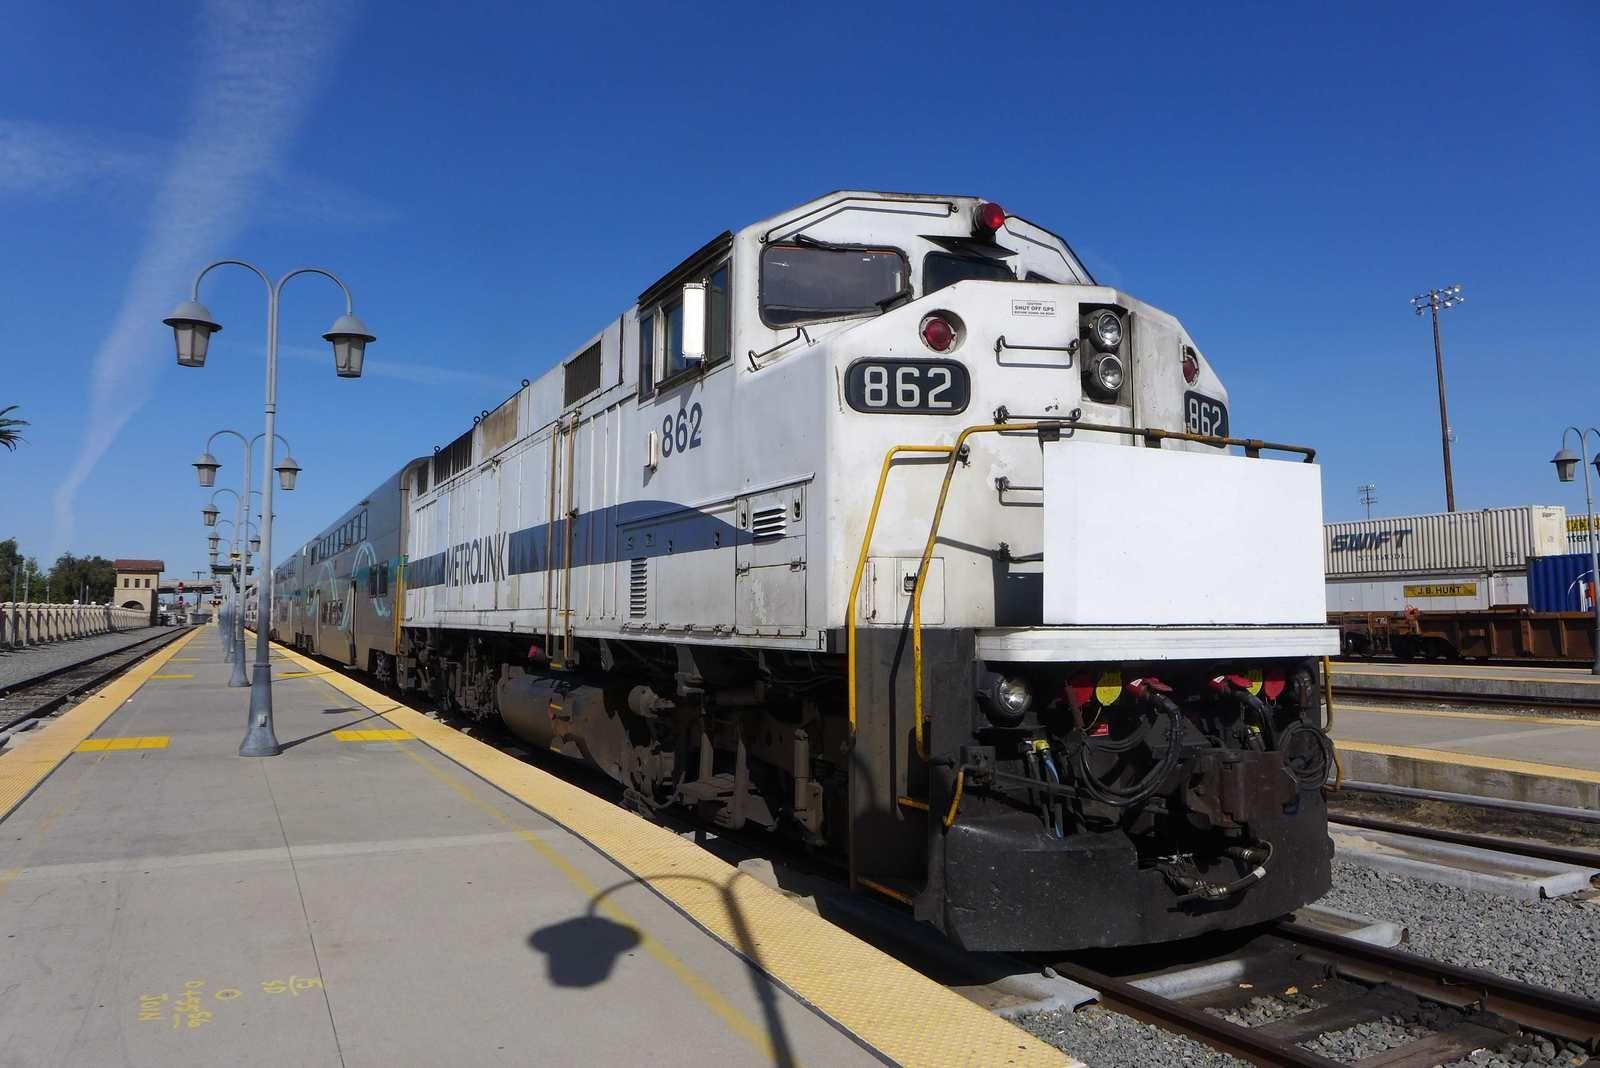 Photos 1 à 4 Gare de San Bernardino et de Barstow sur la célèbre et historique ligne de Santa Fé photos 4 à 7. Barstow est au croisement de plusieurs routes dont la fameuse route 66. Photos 9 à 11 en plein désert photo 12 Lolo après presque 24 H dans le désert